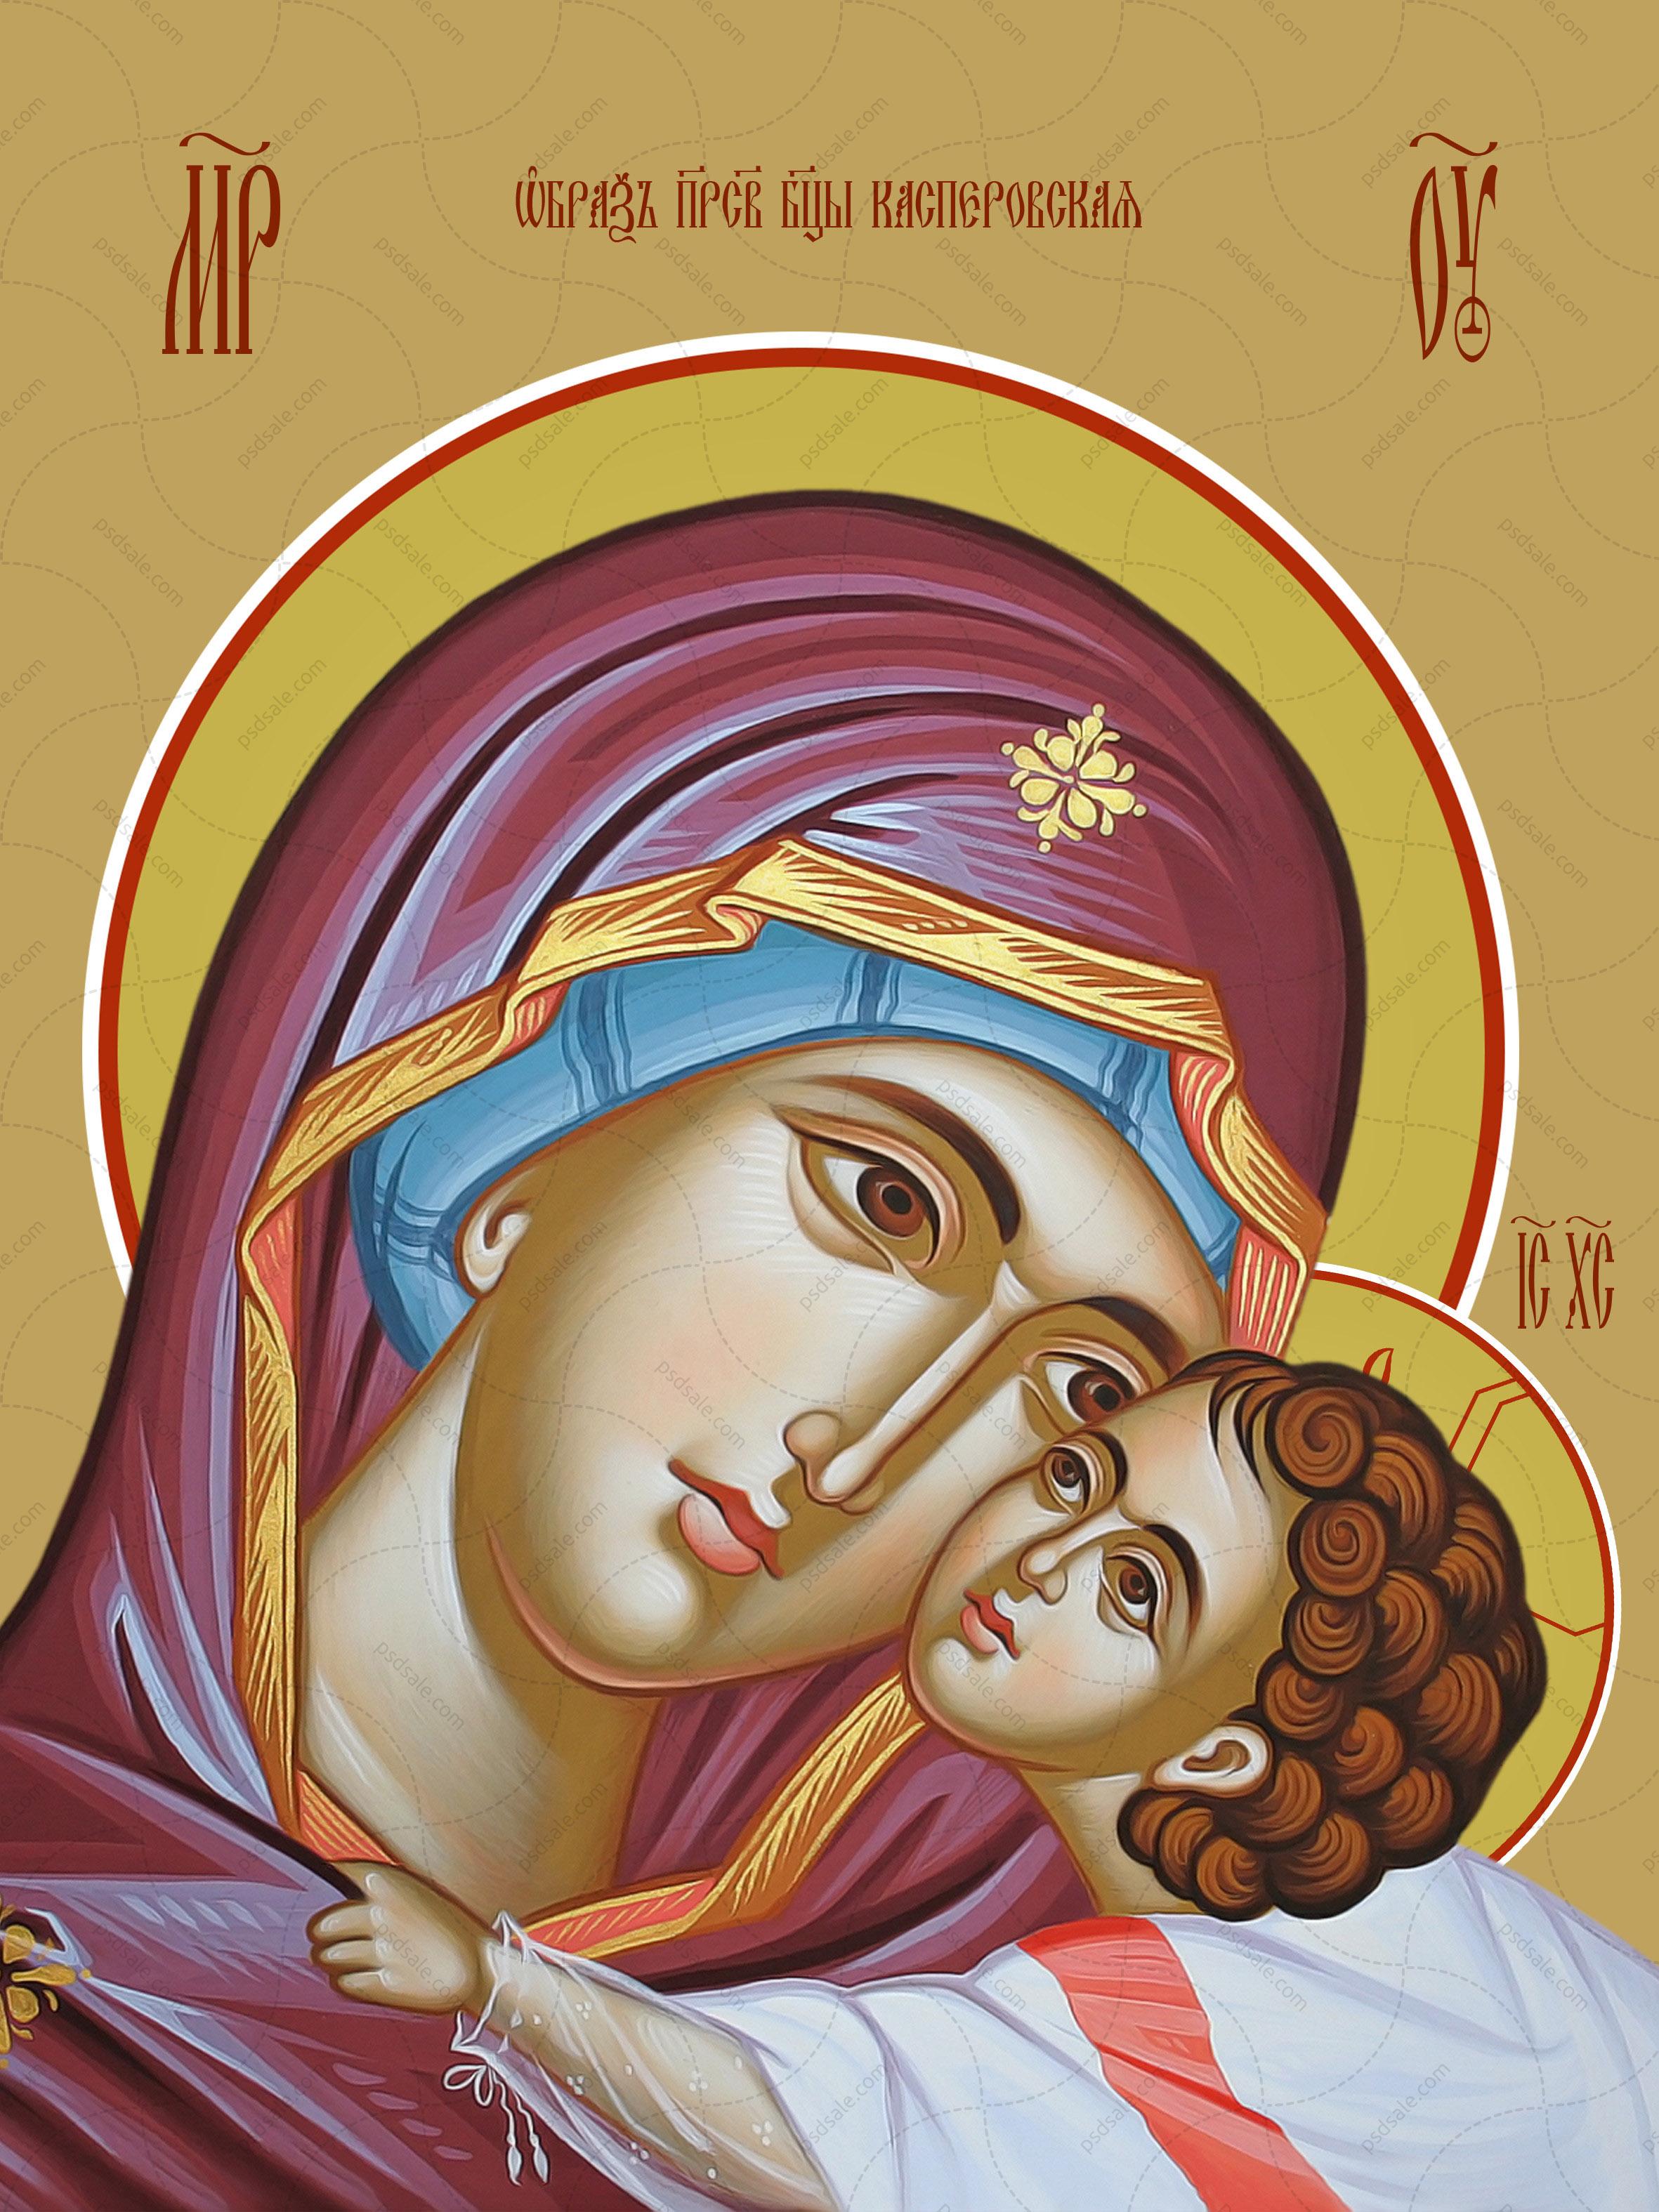 Касперовская икона божьей матери